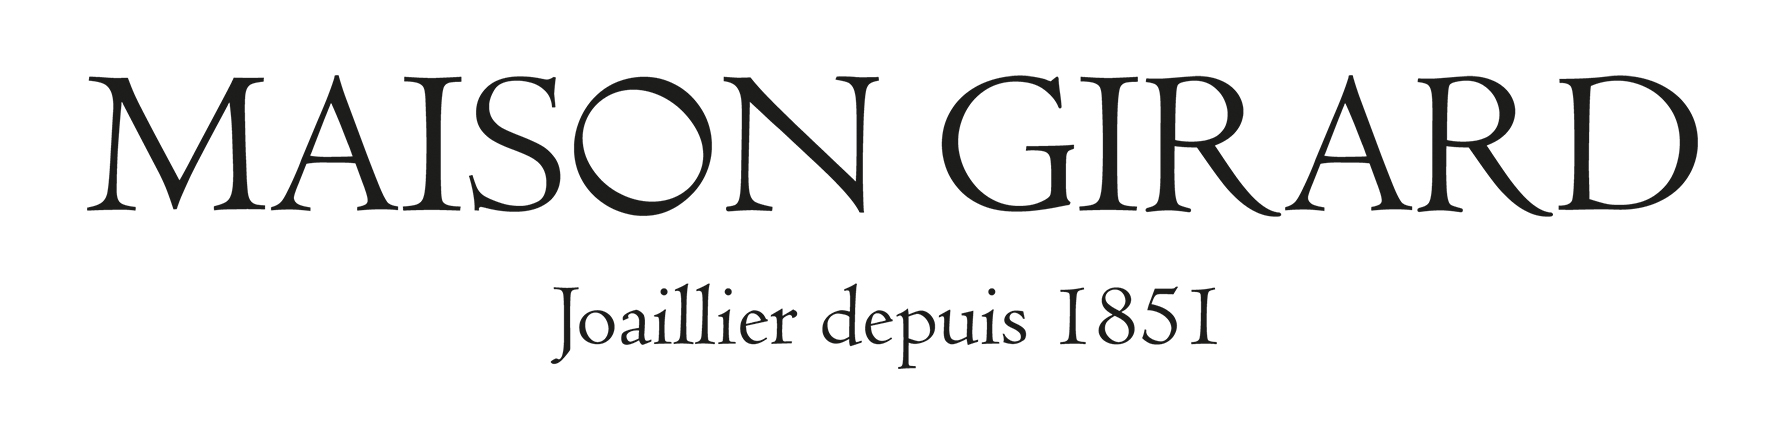 logo MAISON GIRARD.jpg